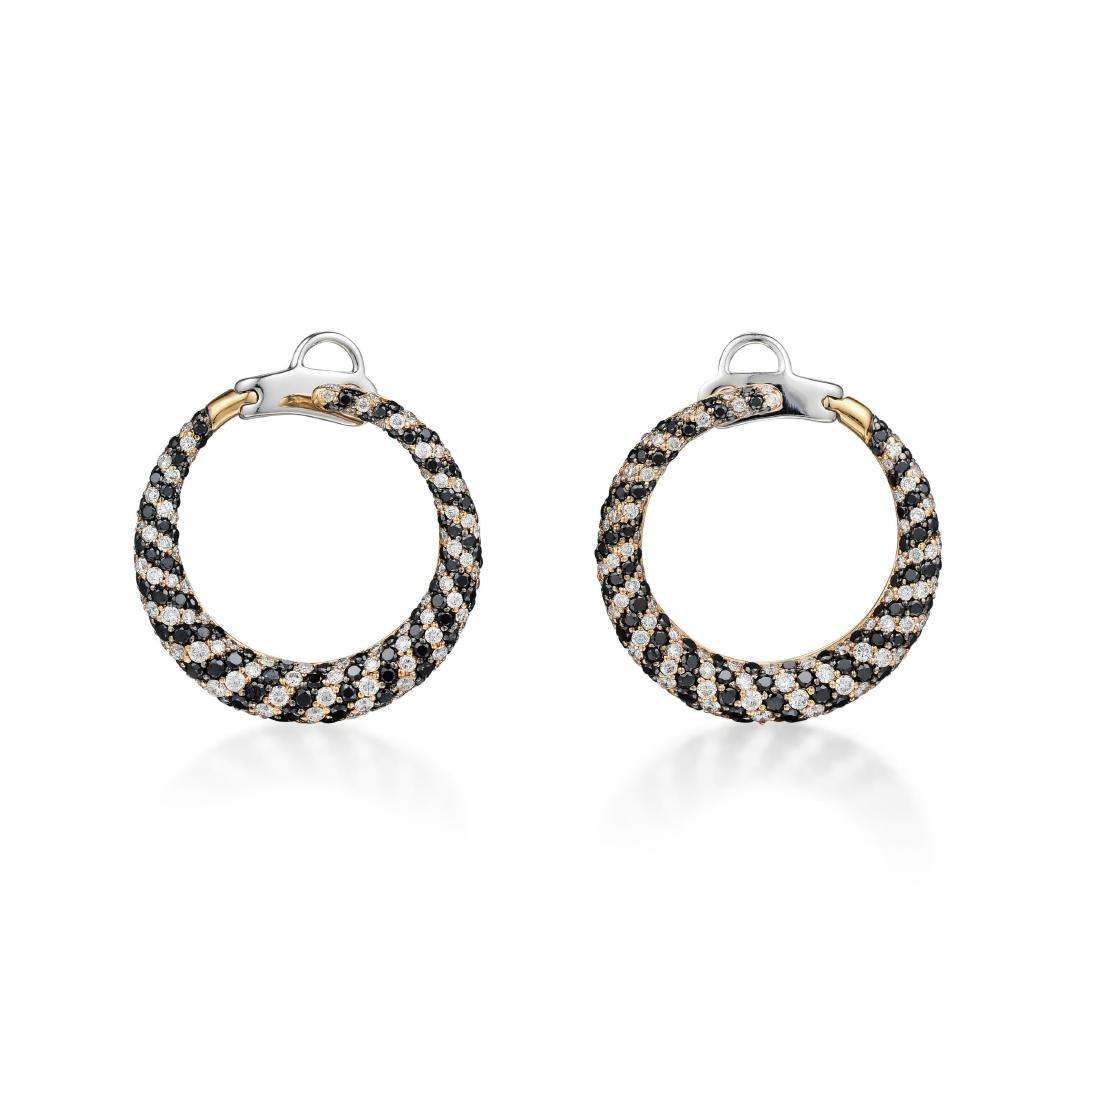 18K Gold White and Black Diamond Hoop Earrings